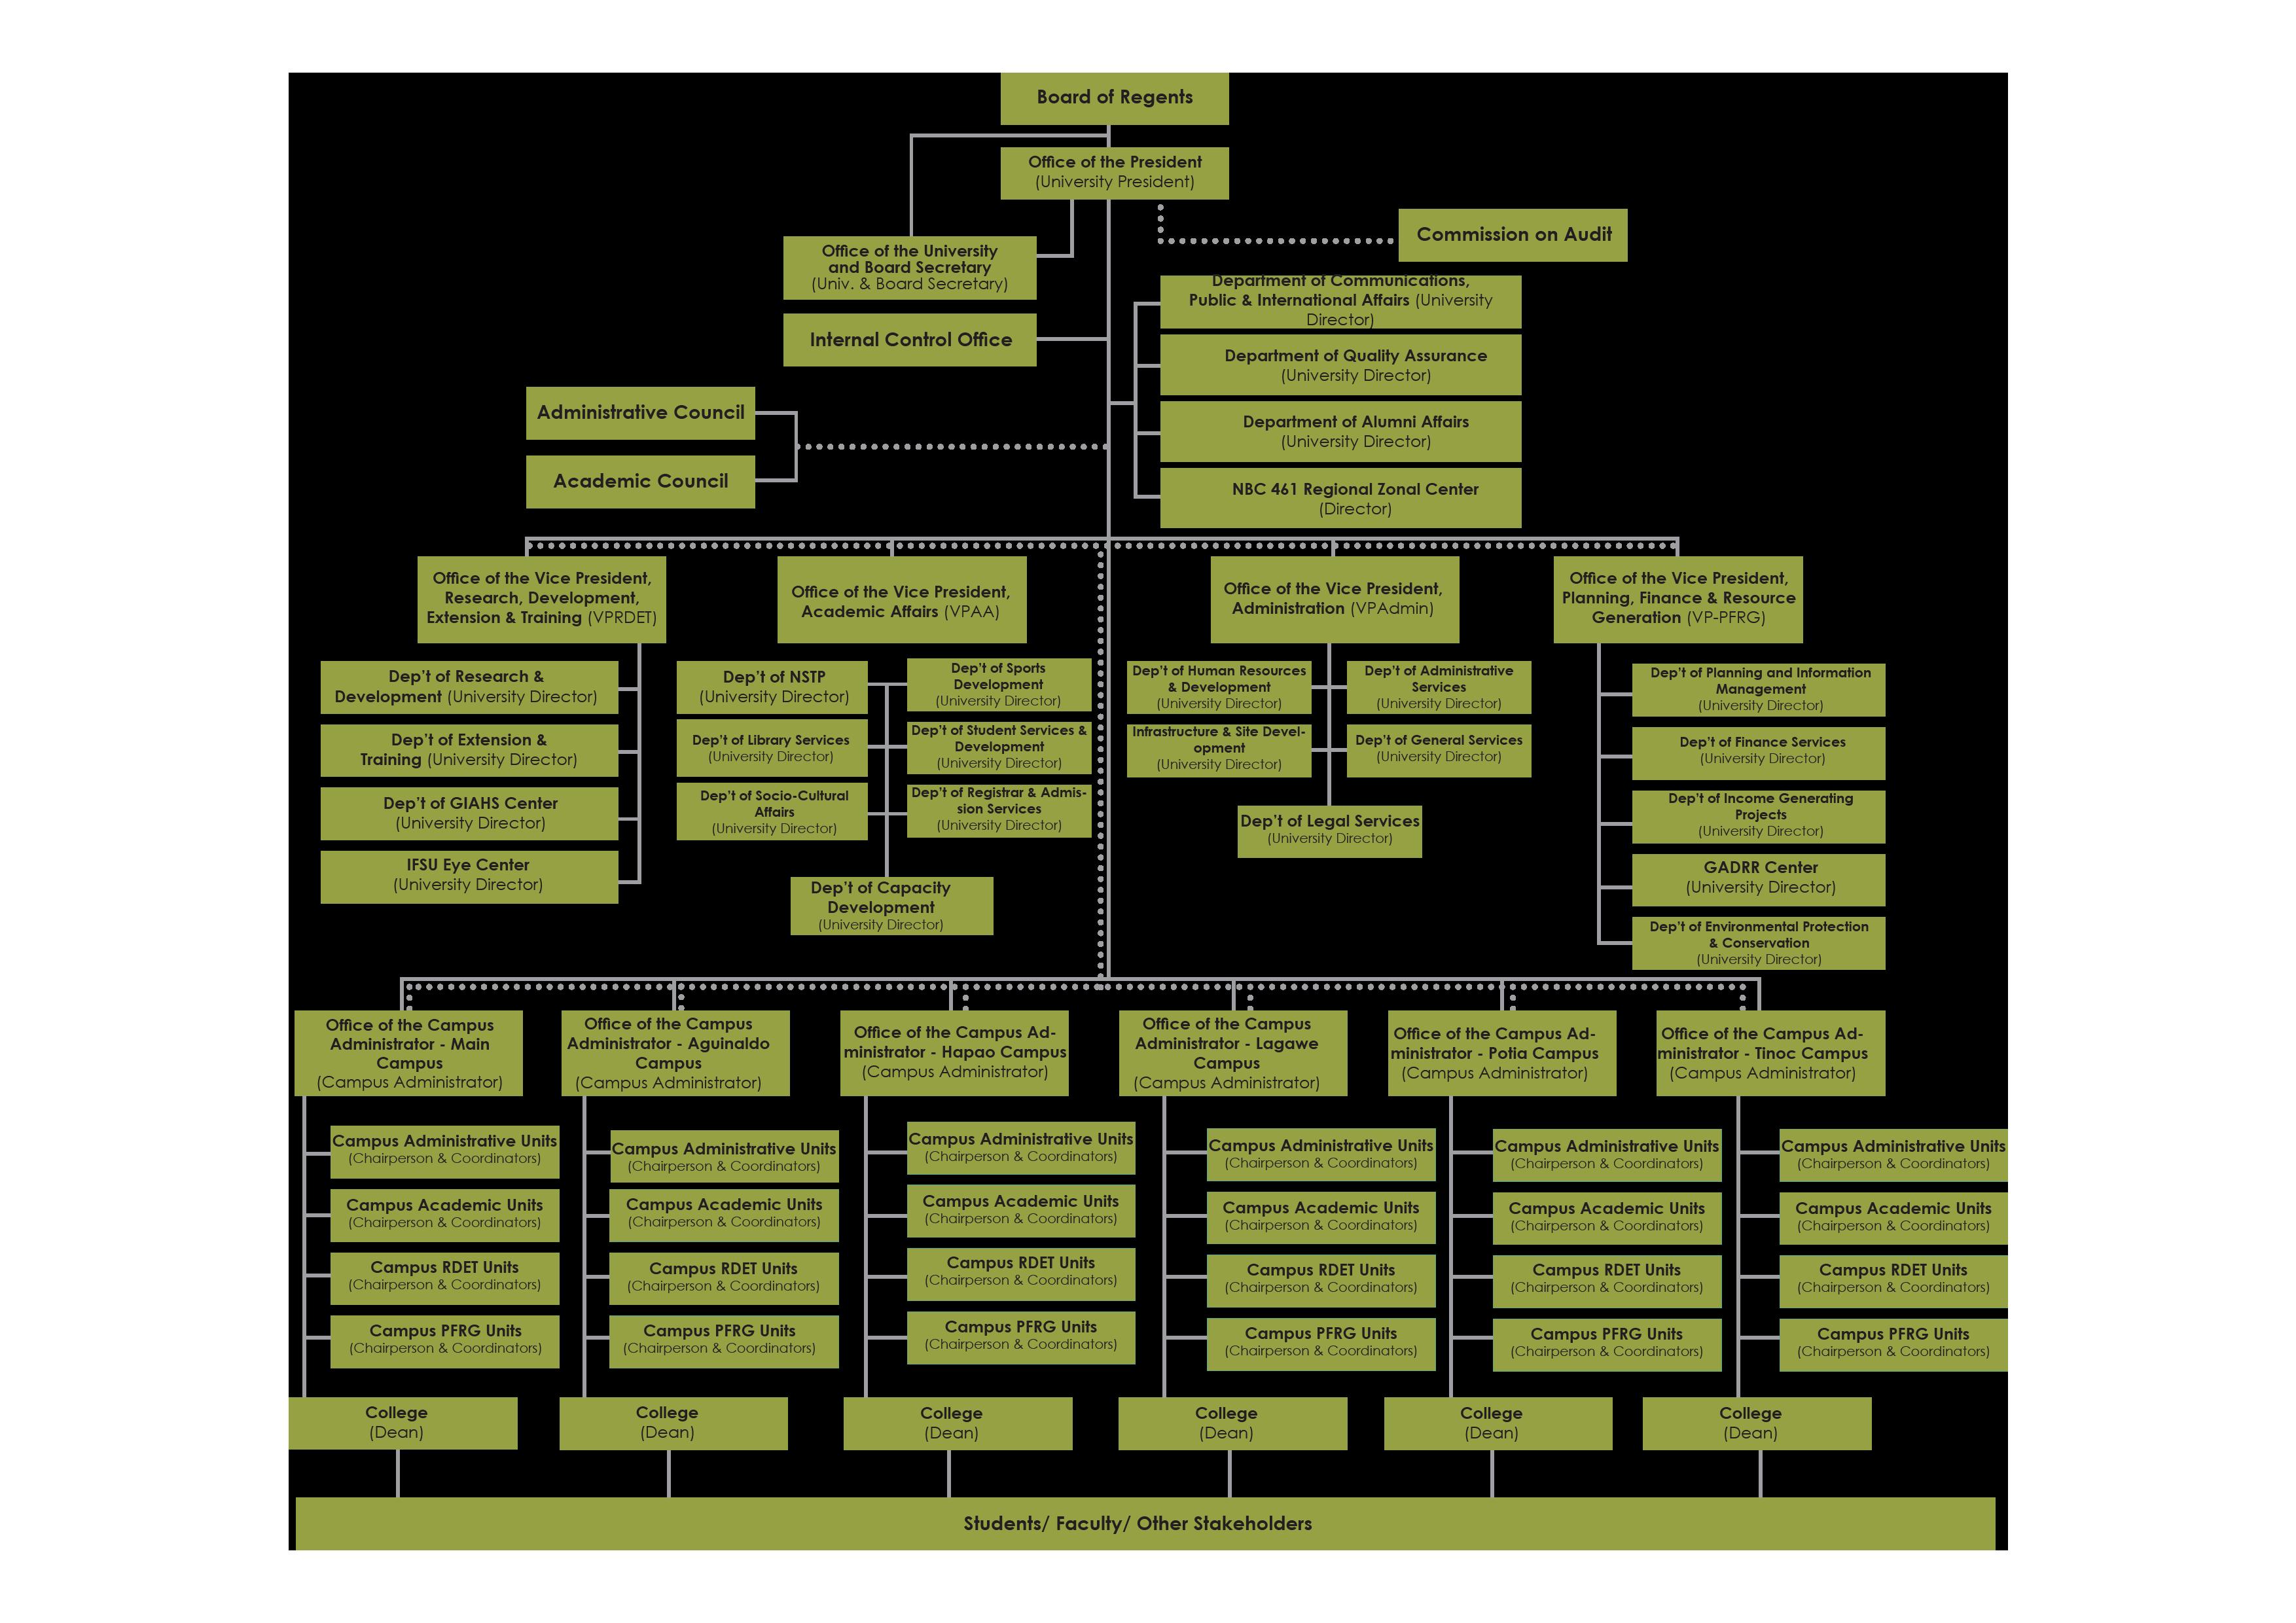 IFSU Organizational Structure